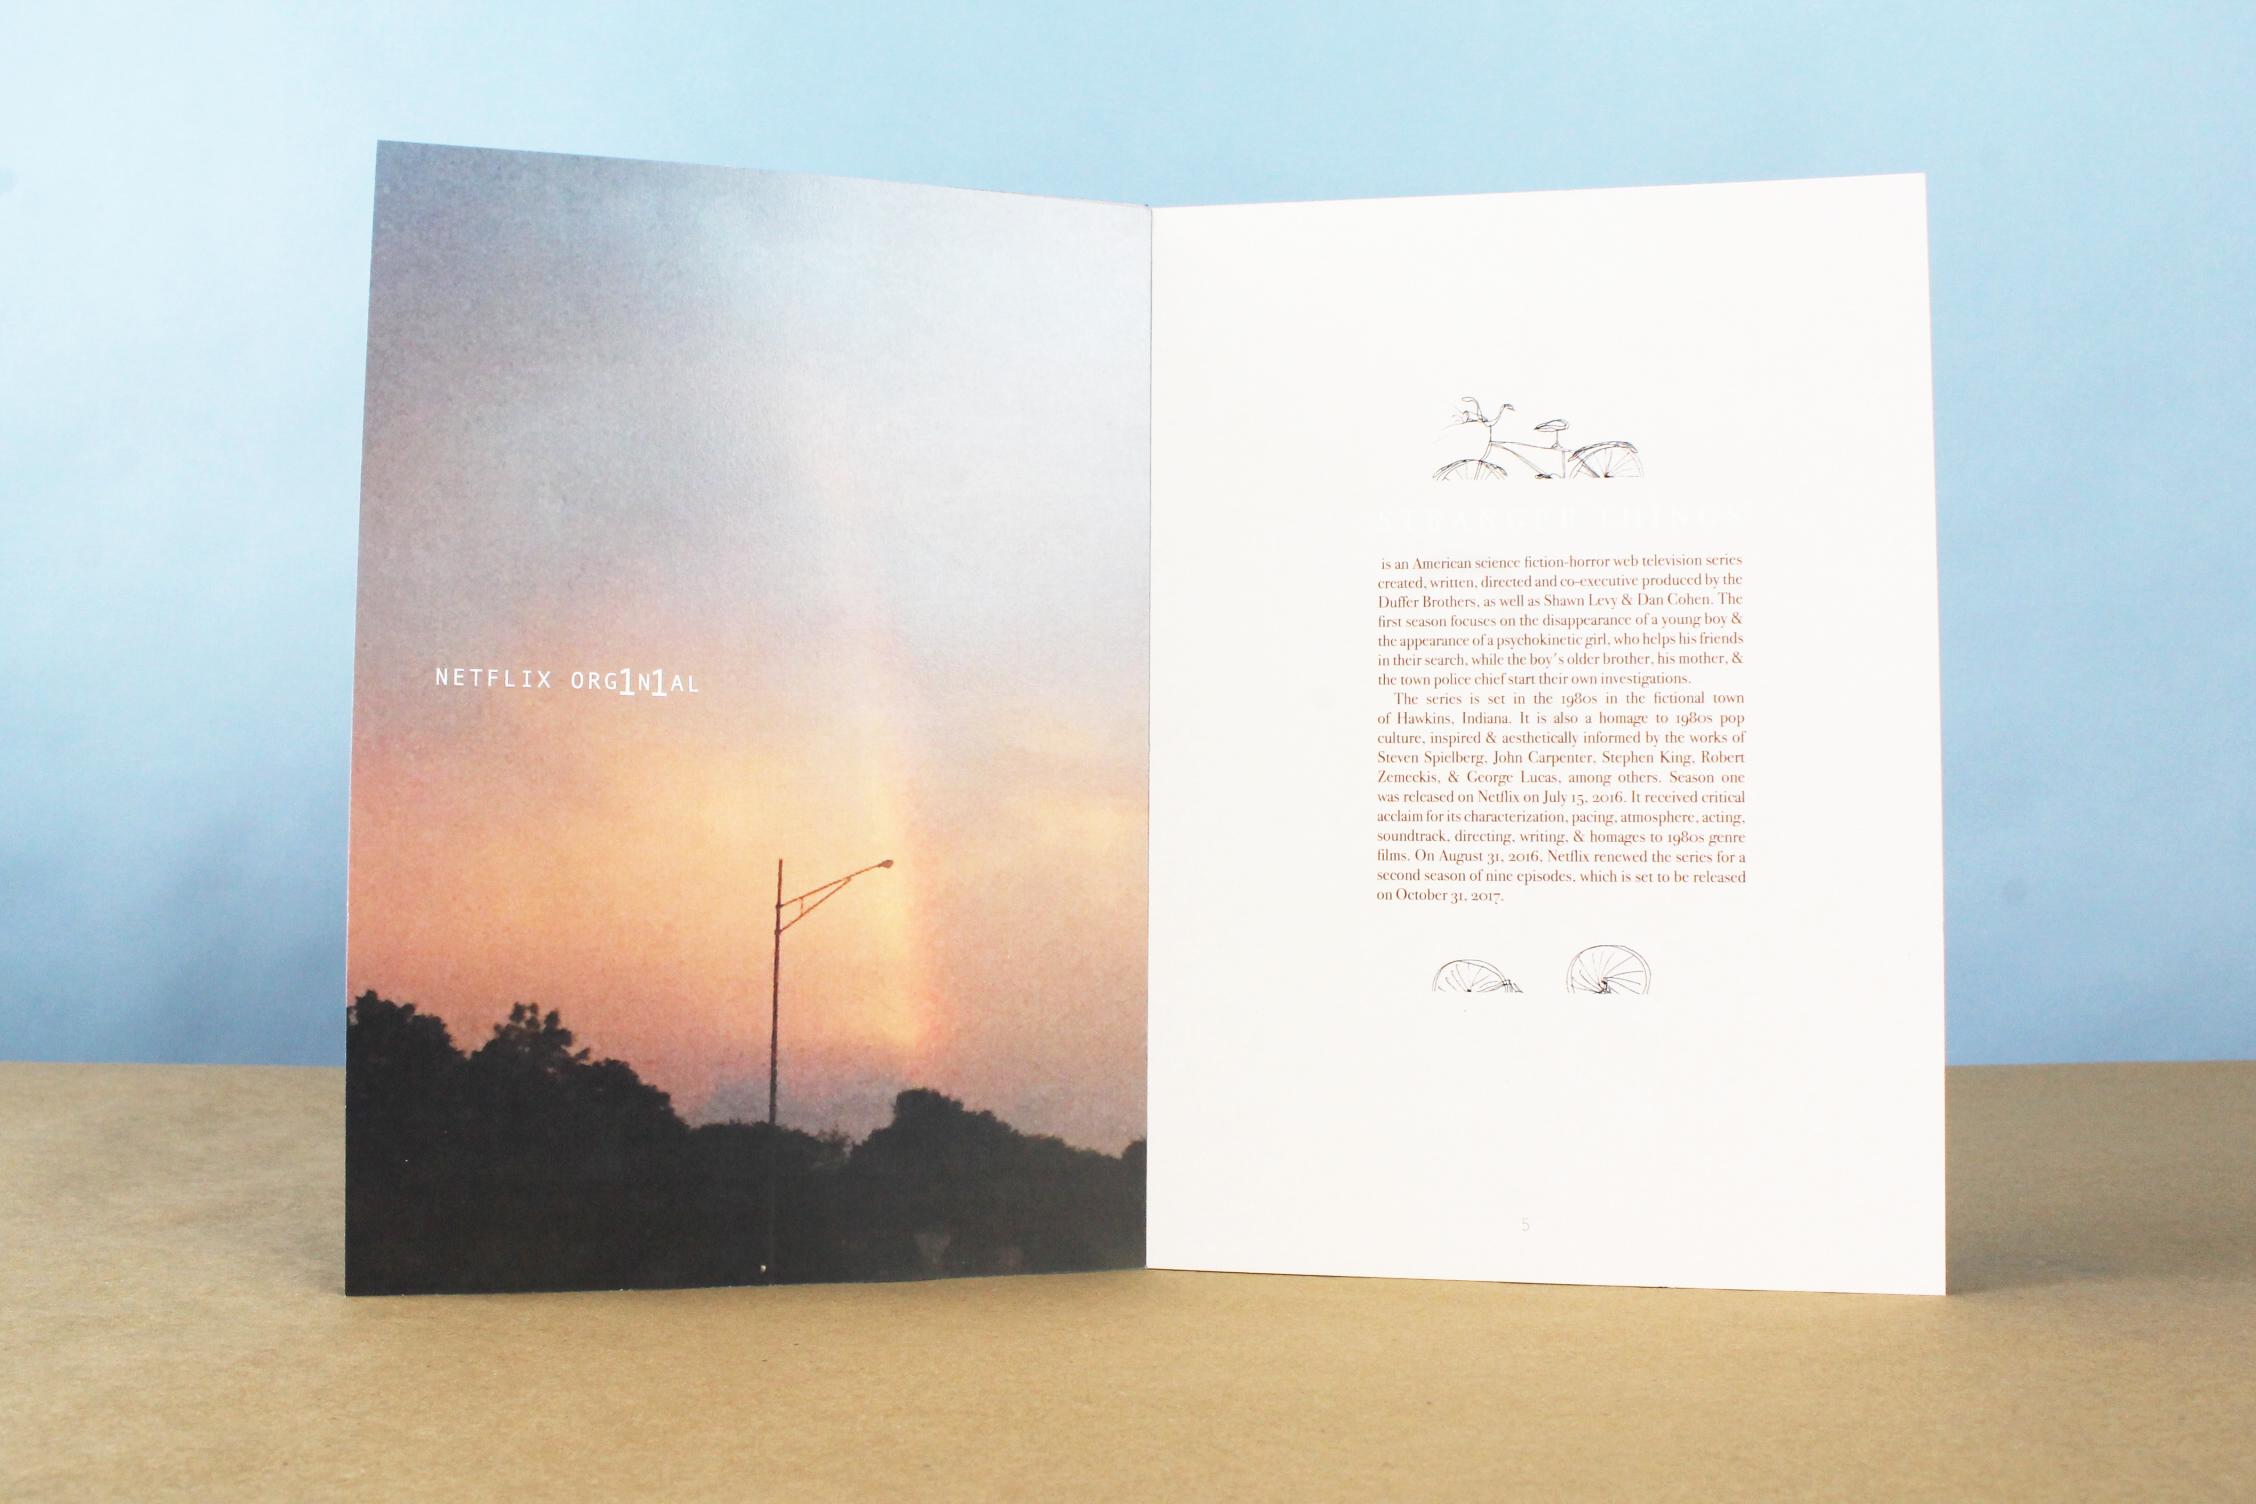 Stranger_Things_Booklet.JPG